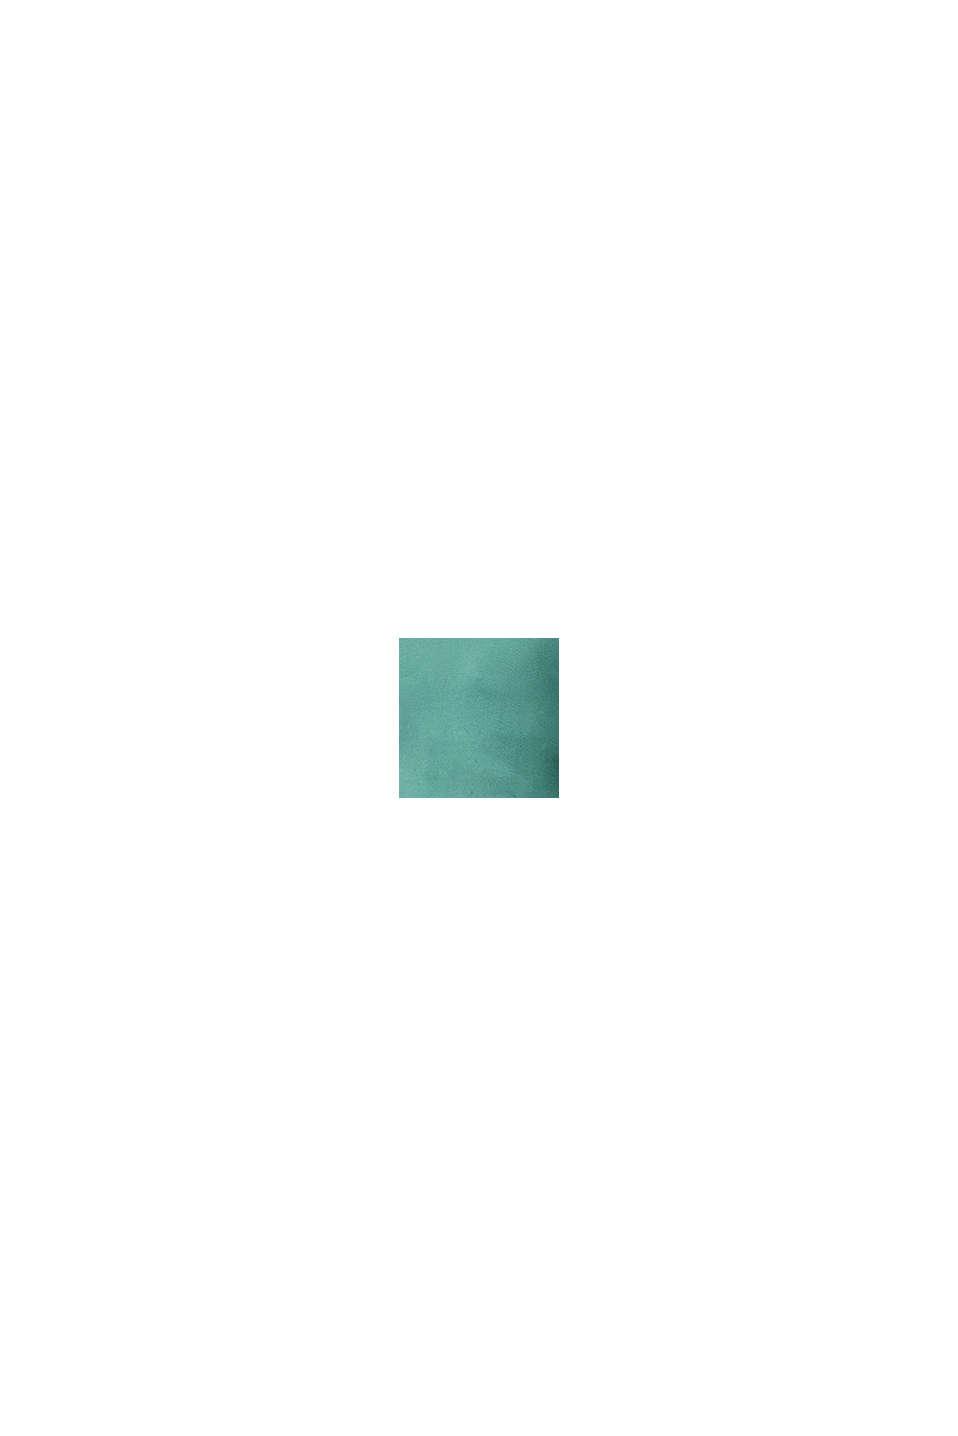 Fijngebreide trui met biologisch katoen, TEAL GREEN, swatch